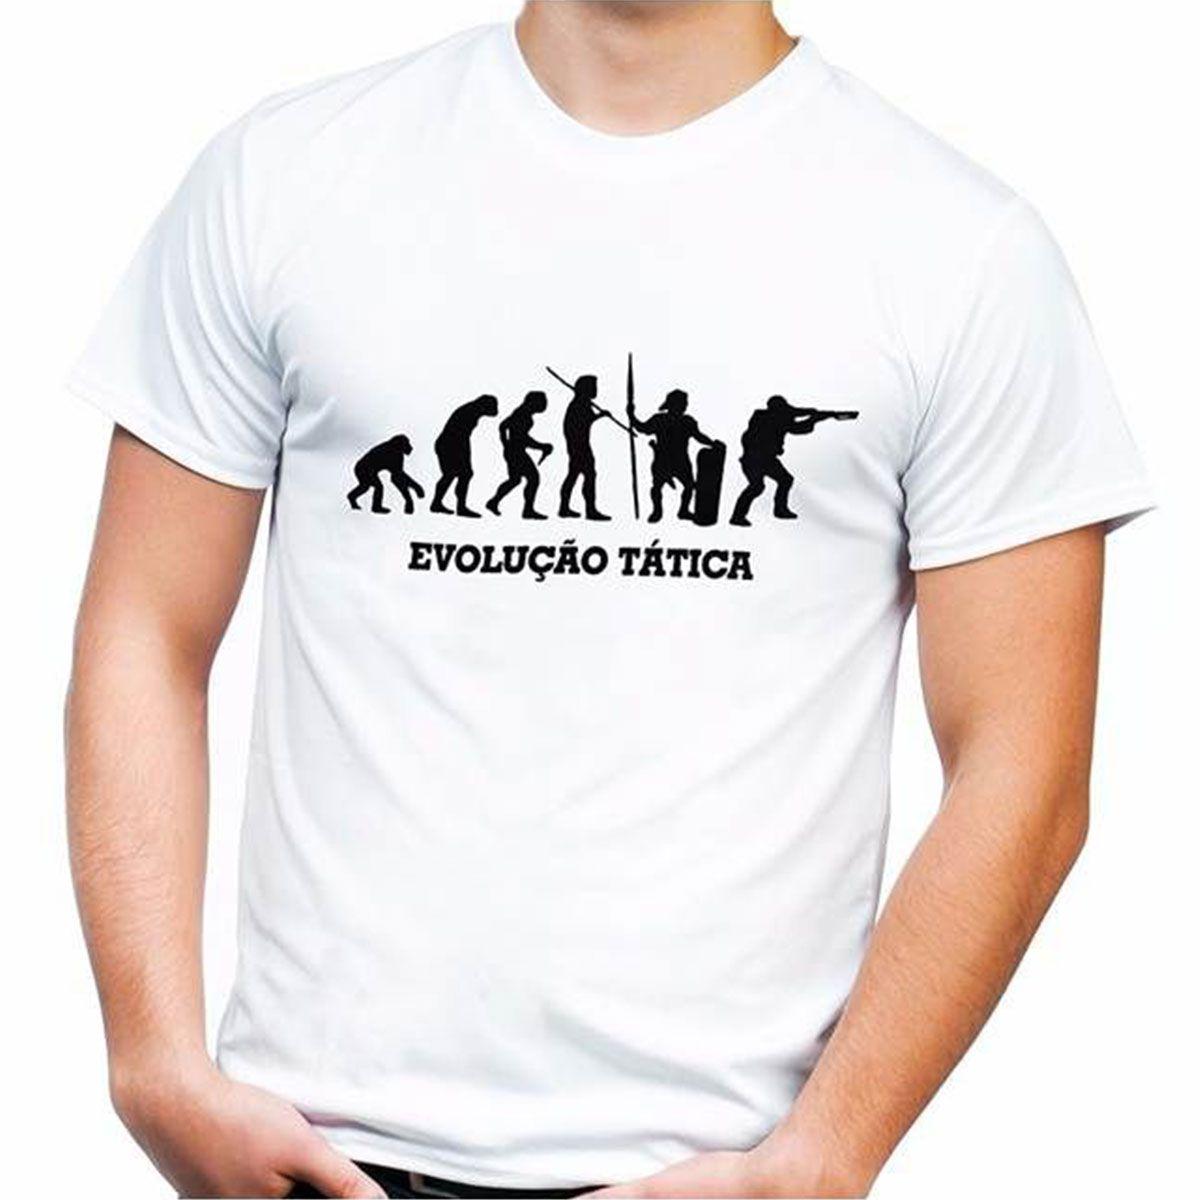 Camiseta estampada Evolução Tática - Malha Branco